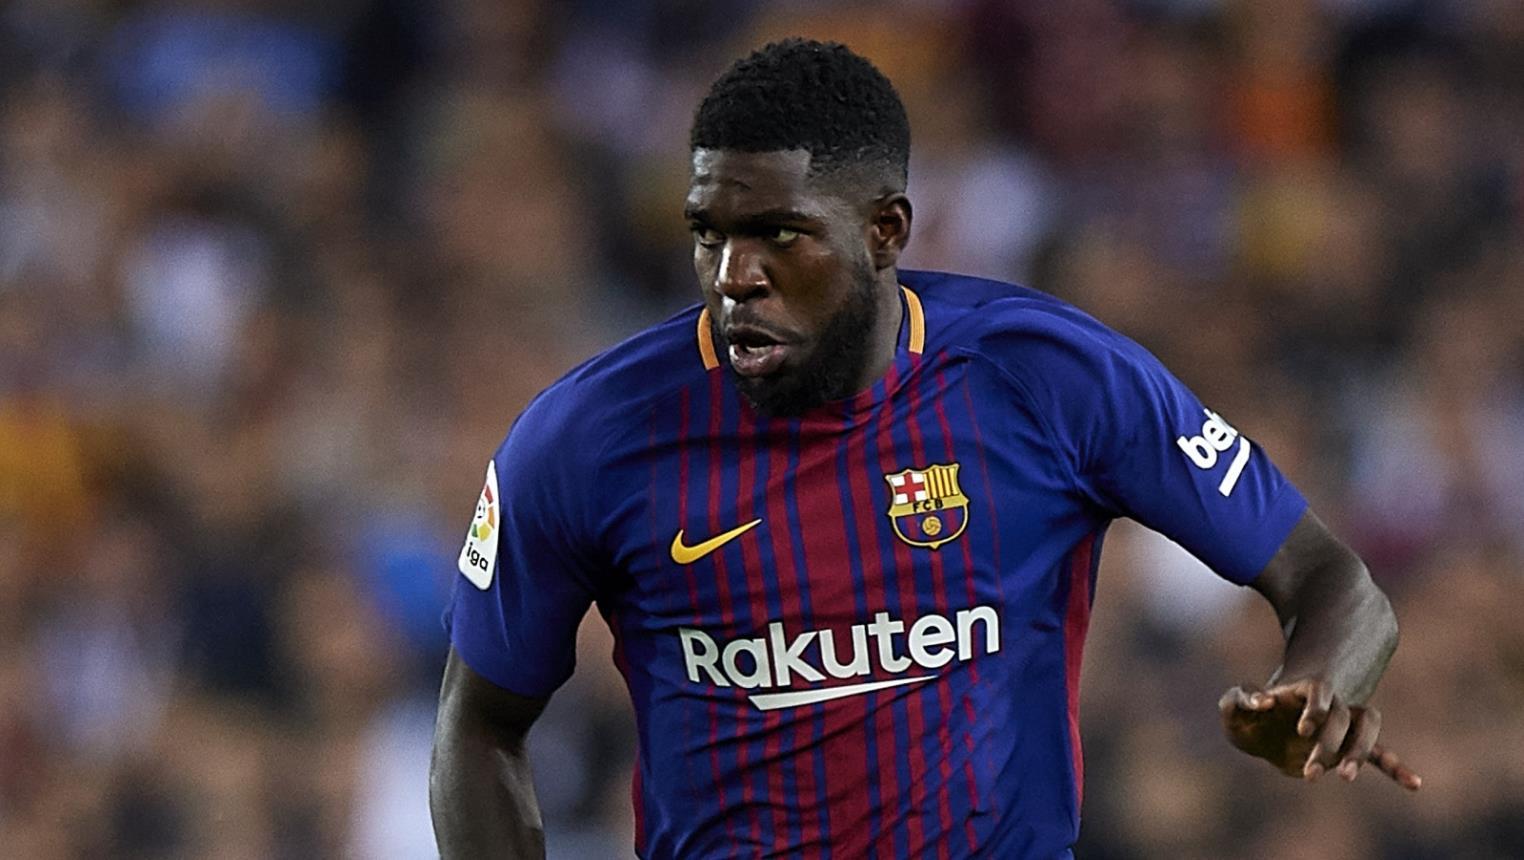 برشلونة يبحث عن مدافع لتعويض غياب الفرنسي صامويل أومتيتي